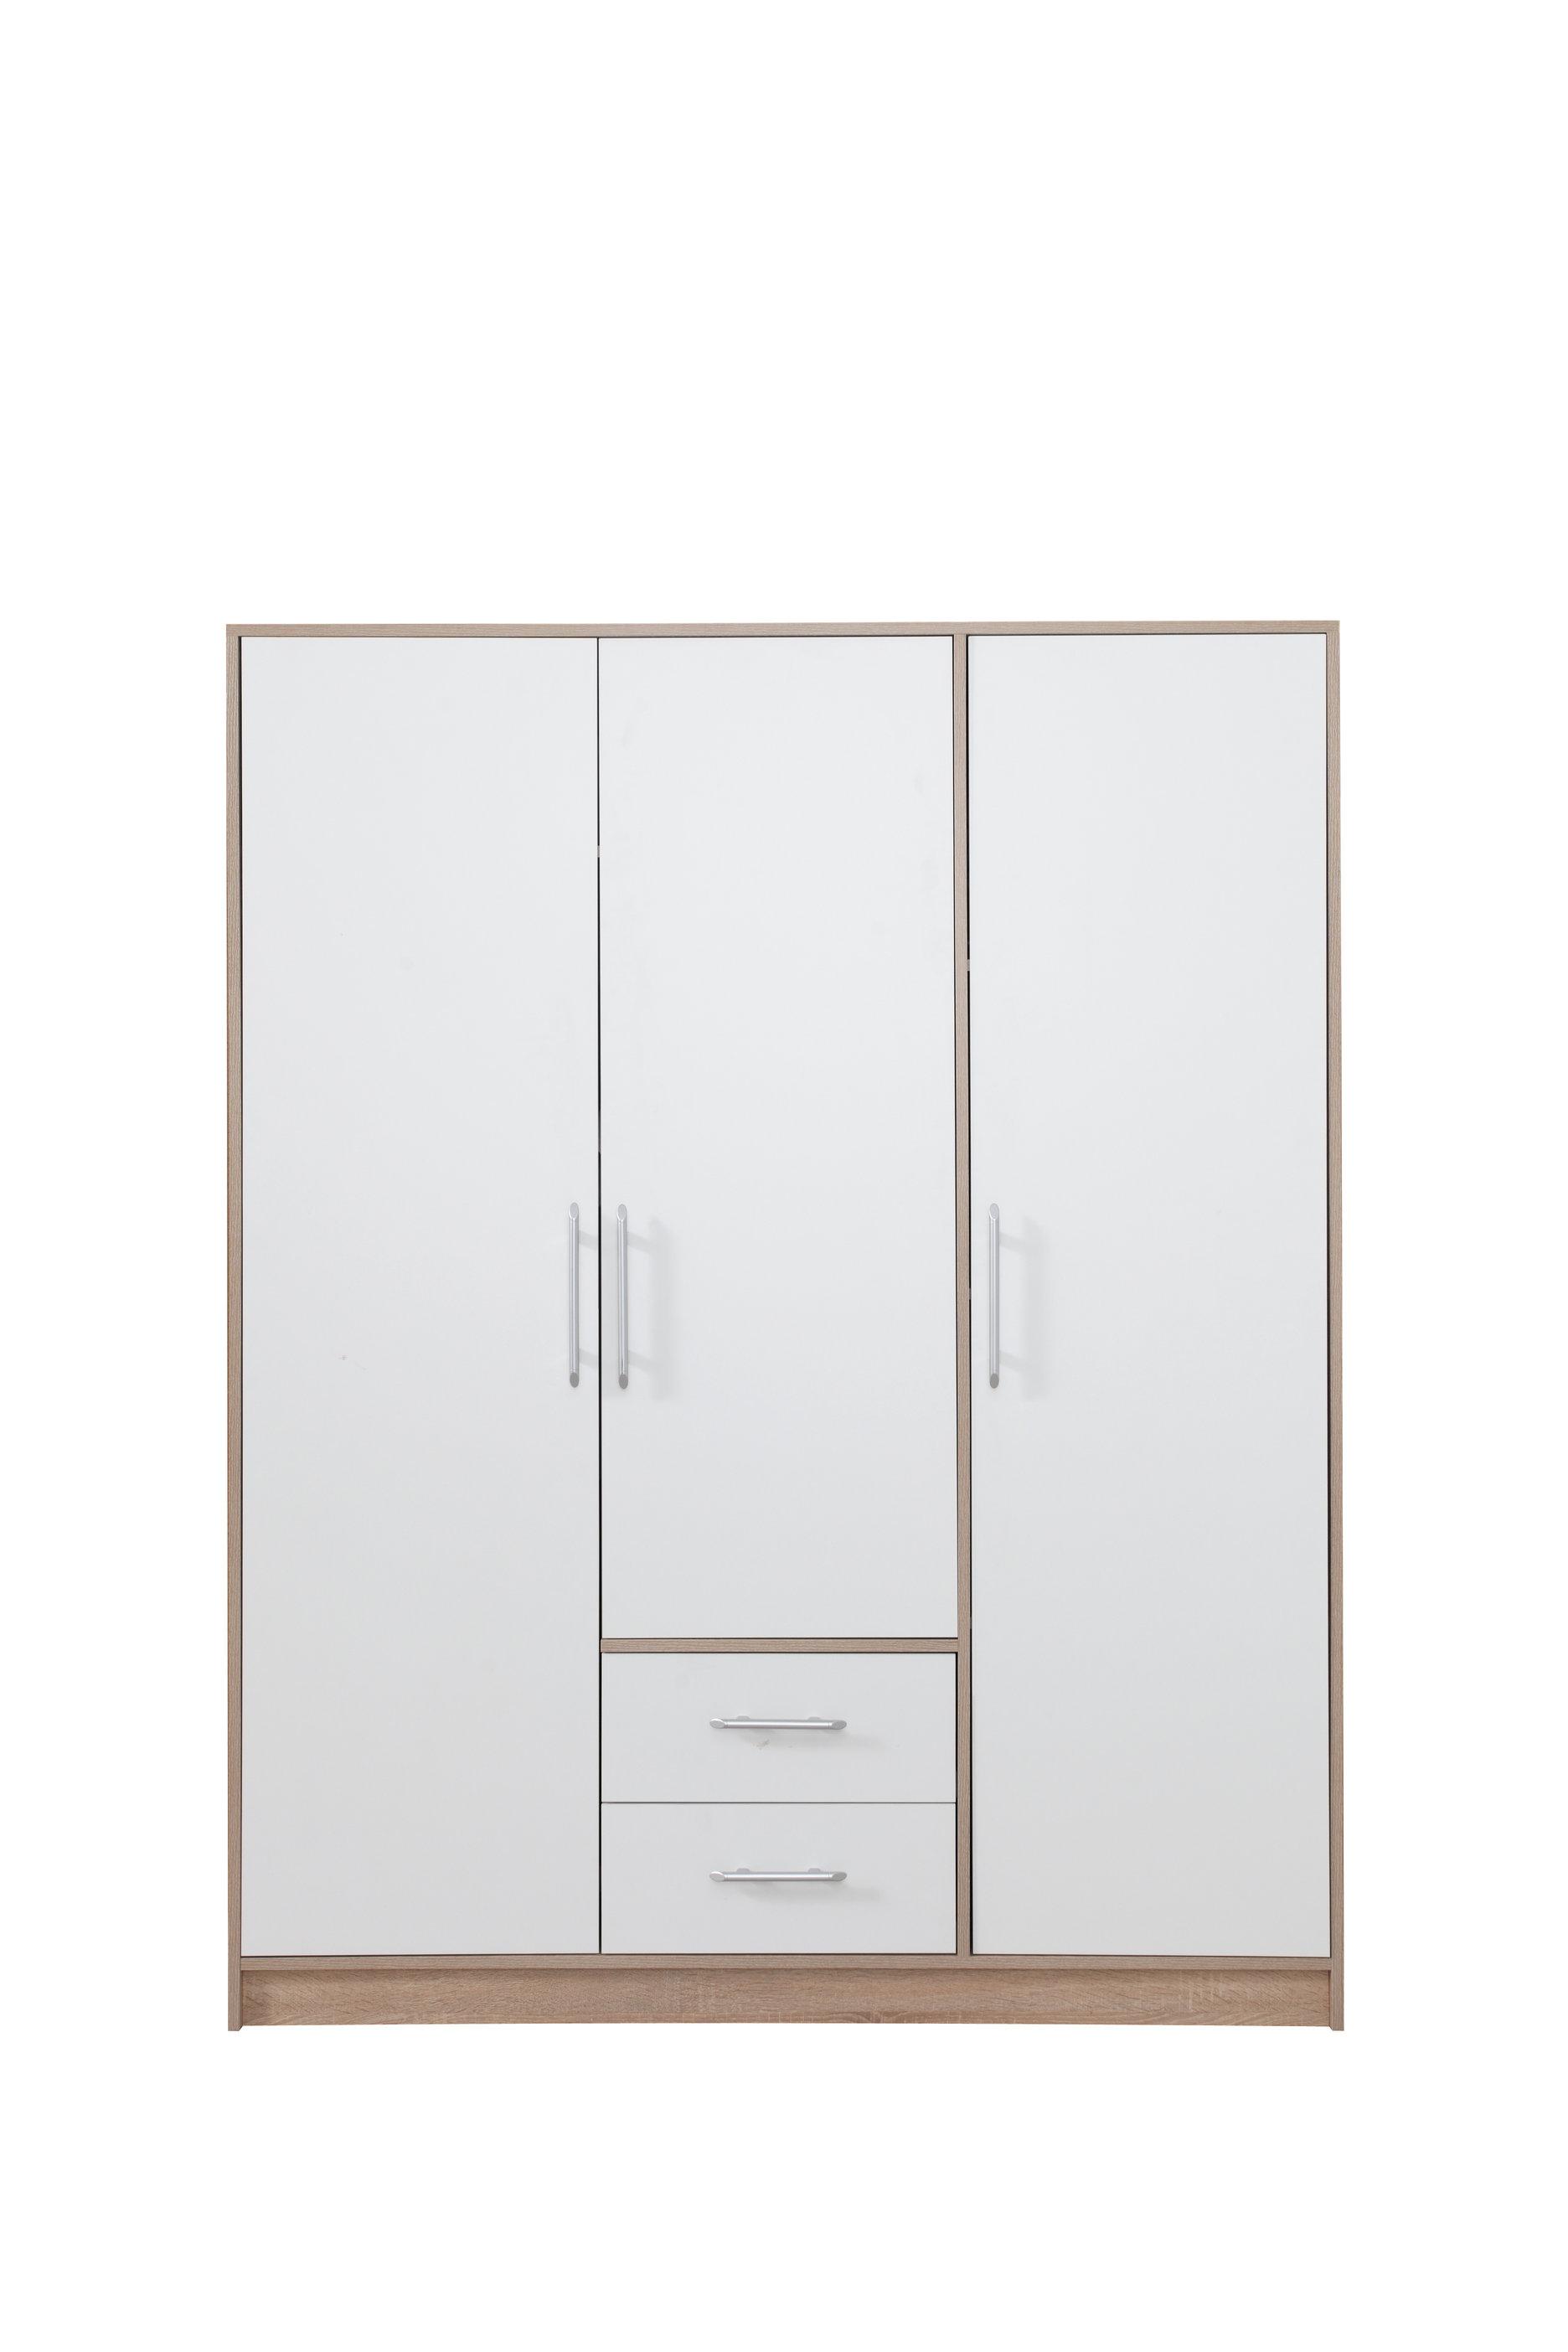 Meblar Šatní skříň SMART SR2 Meblar 150/190/56